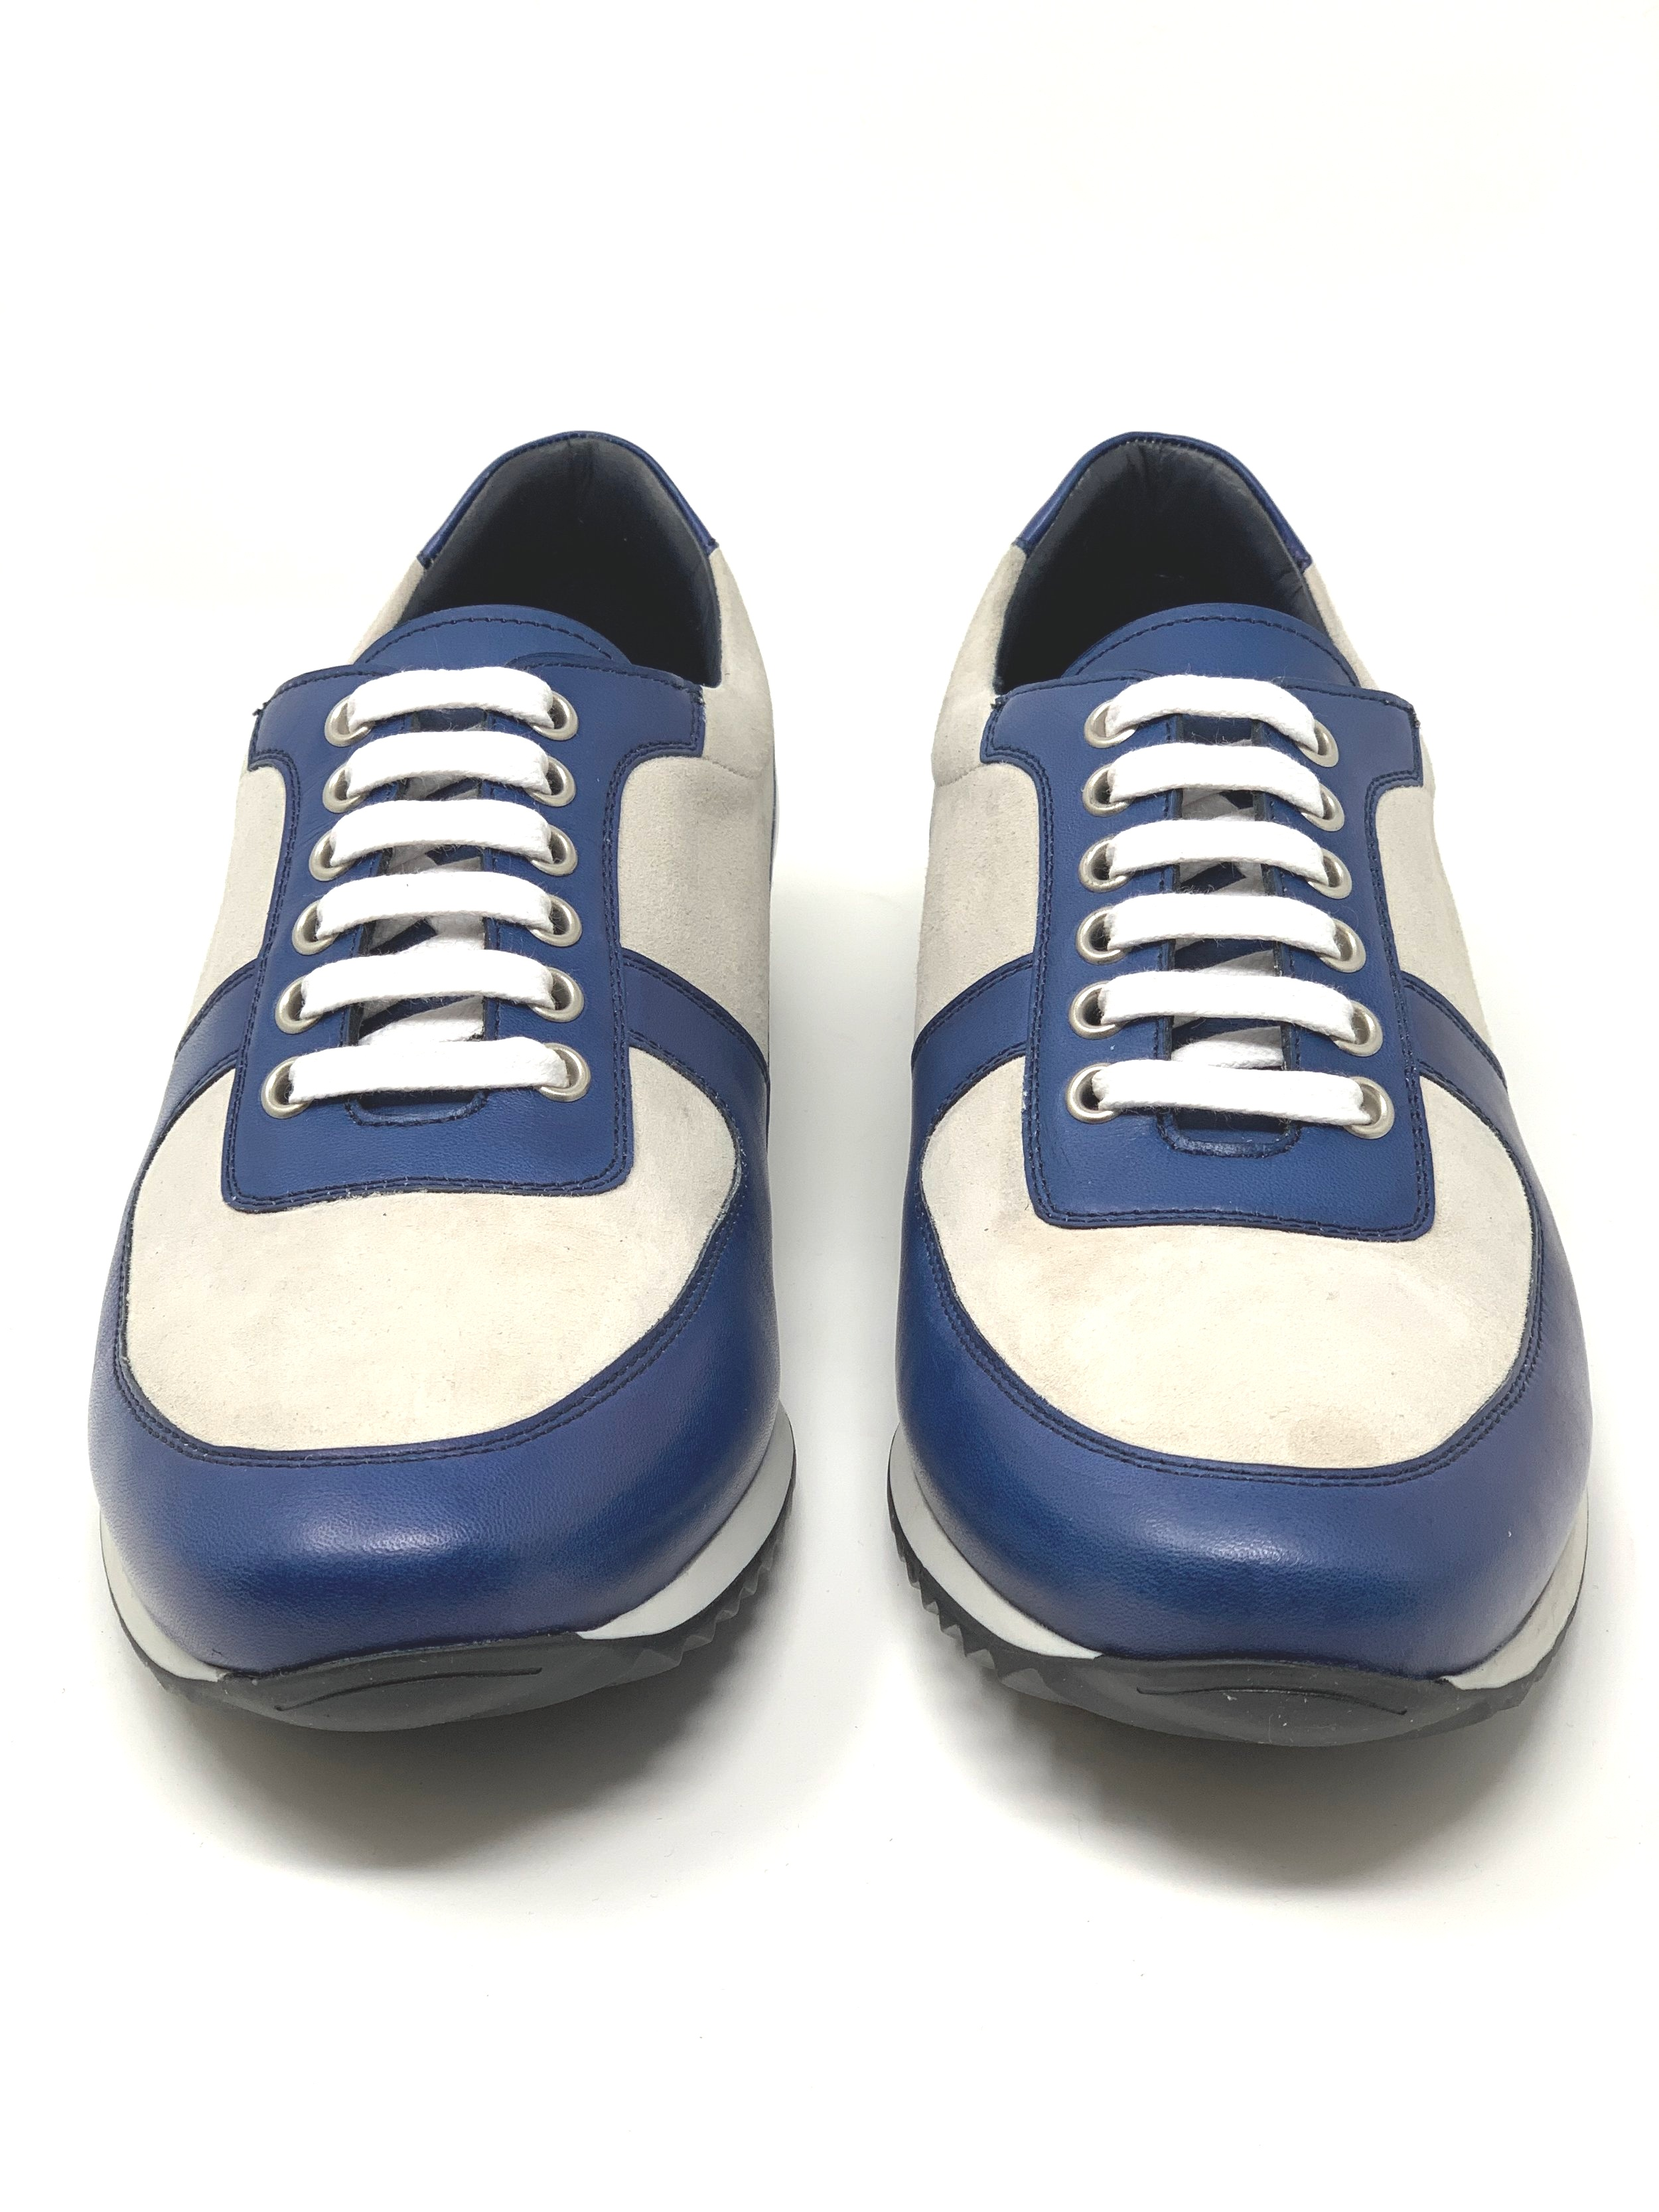 Tindeco Sneaker (Last Pair!)